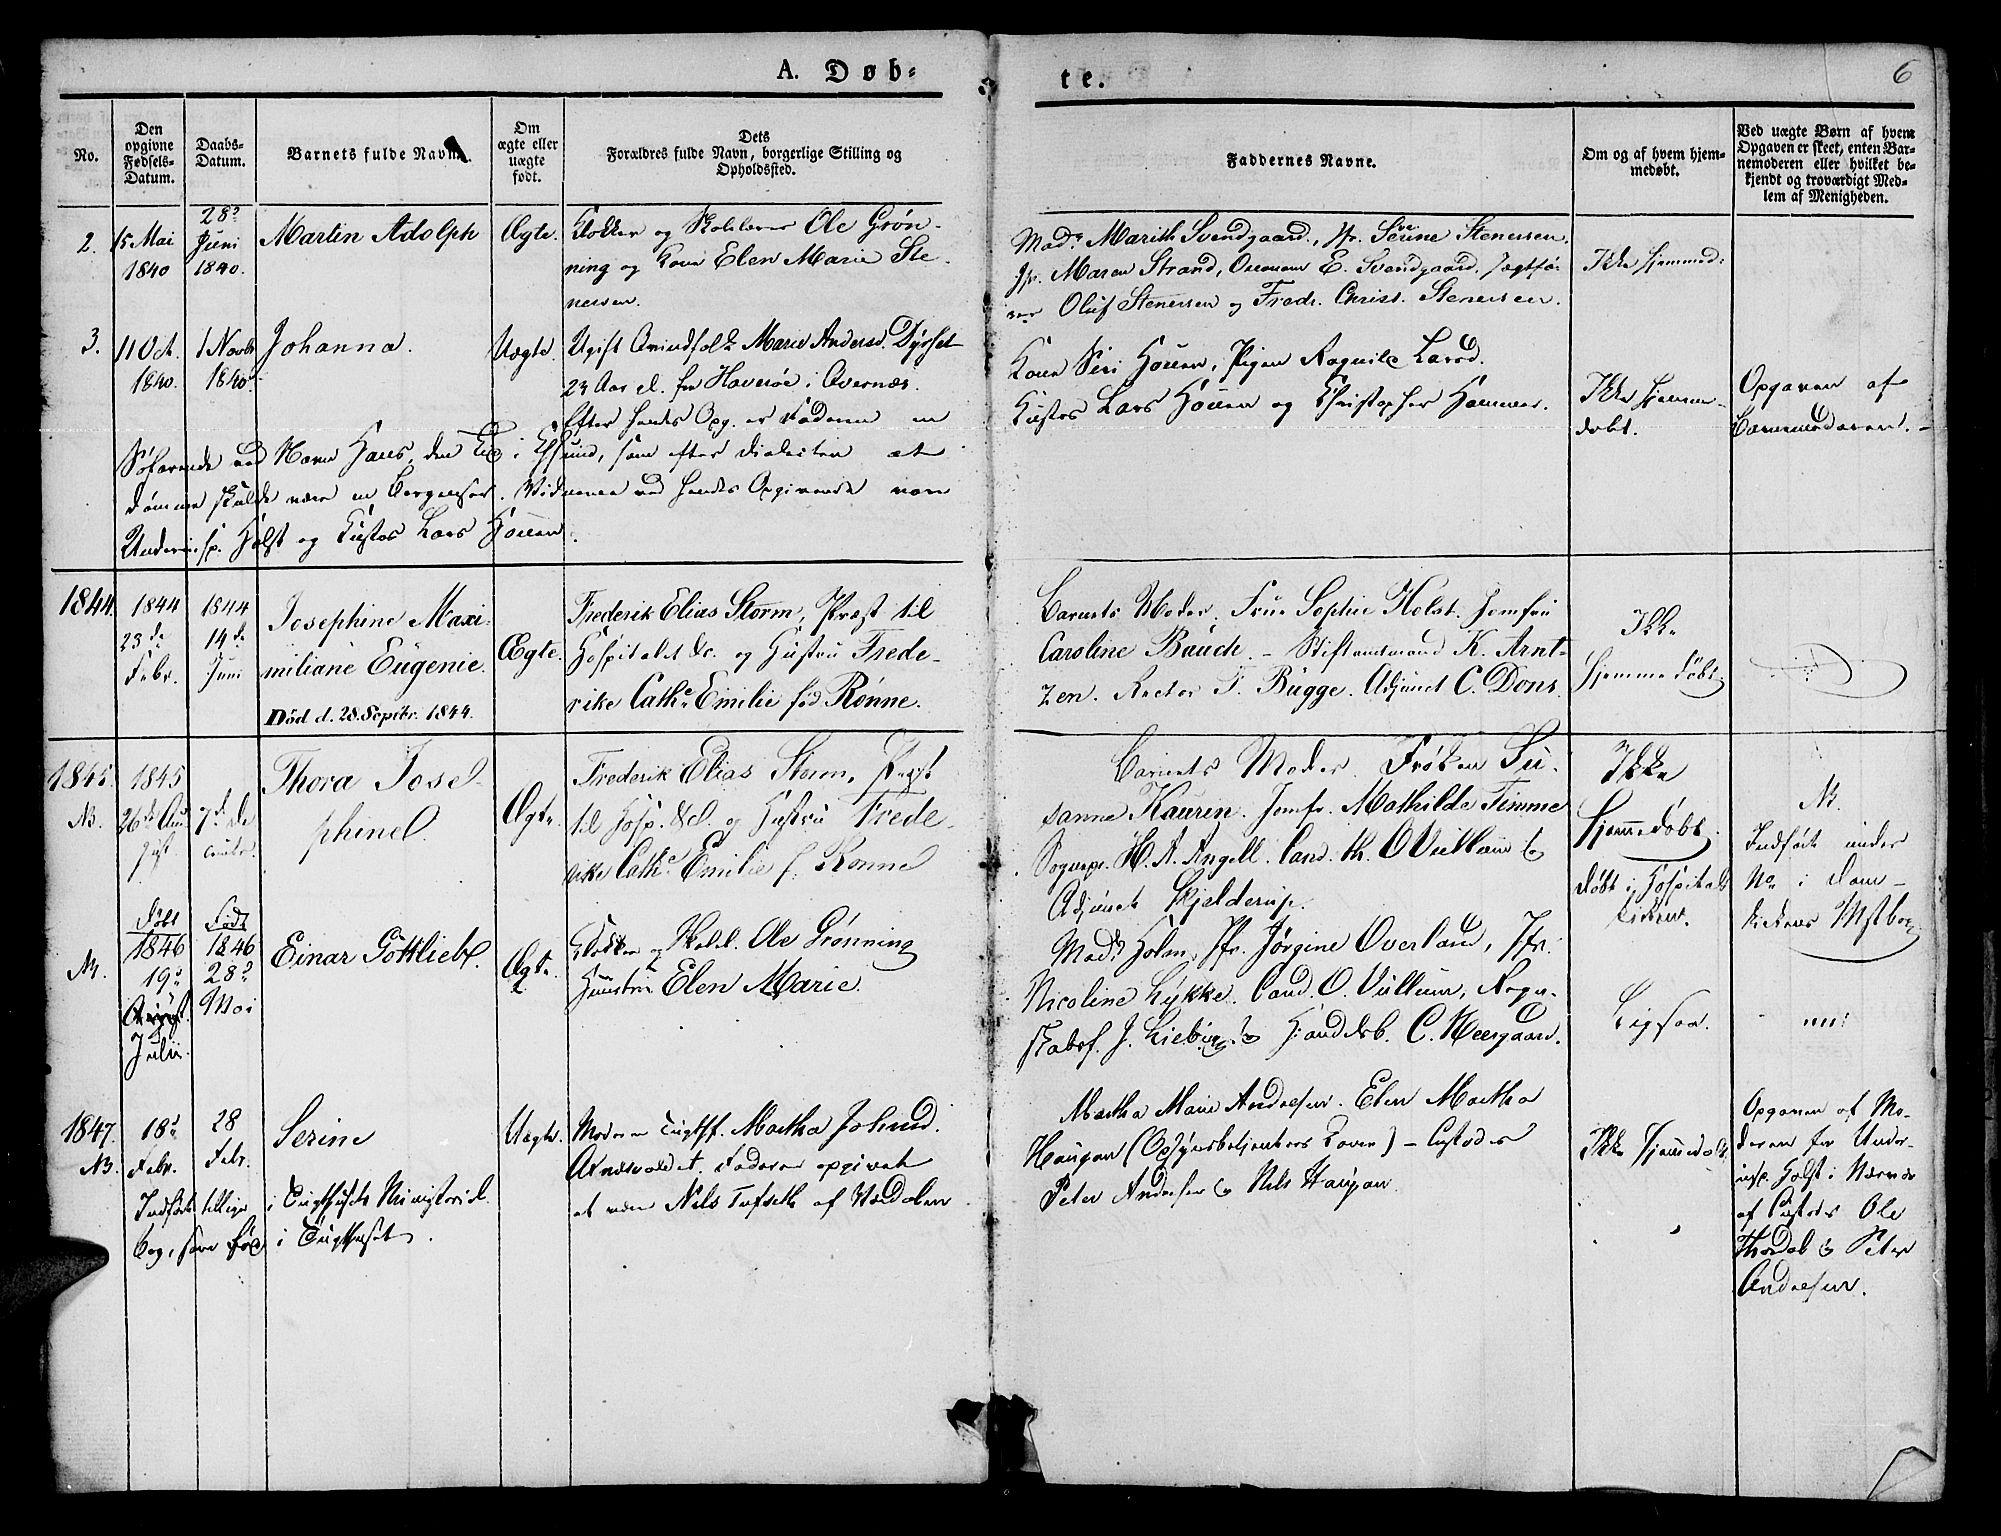 SAT, Ministerialprotokoller, klokkerbøker og fødselsregistre - Sør-Trøndelag, 623/L0468: Ministerialbok nr. 623A02, 1826-1867, s. 6